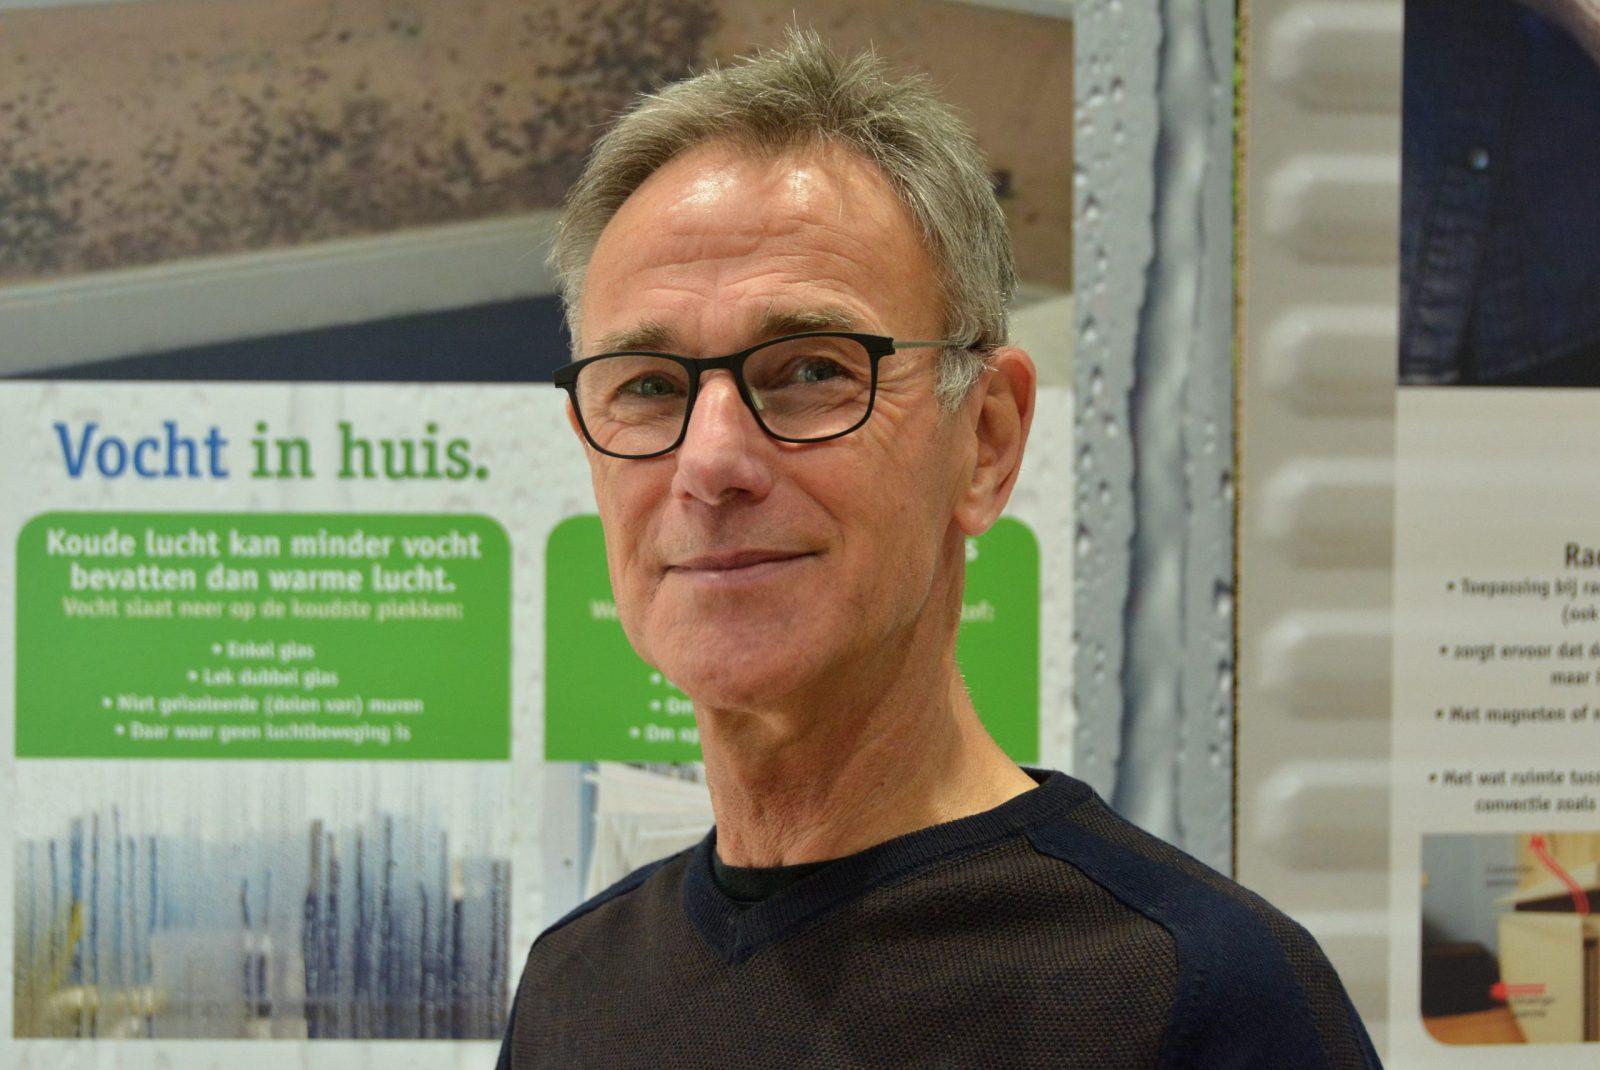 Peter Alkemade